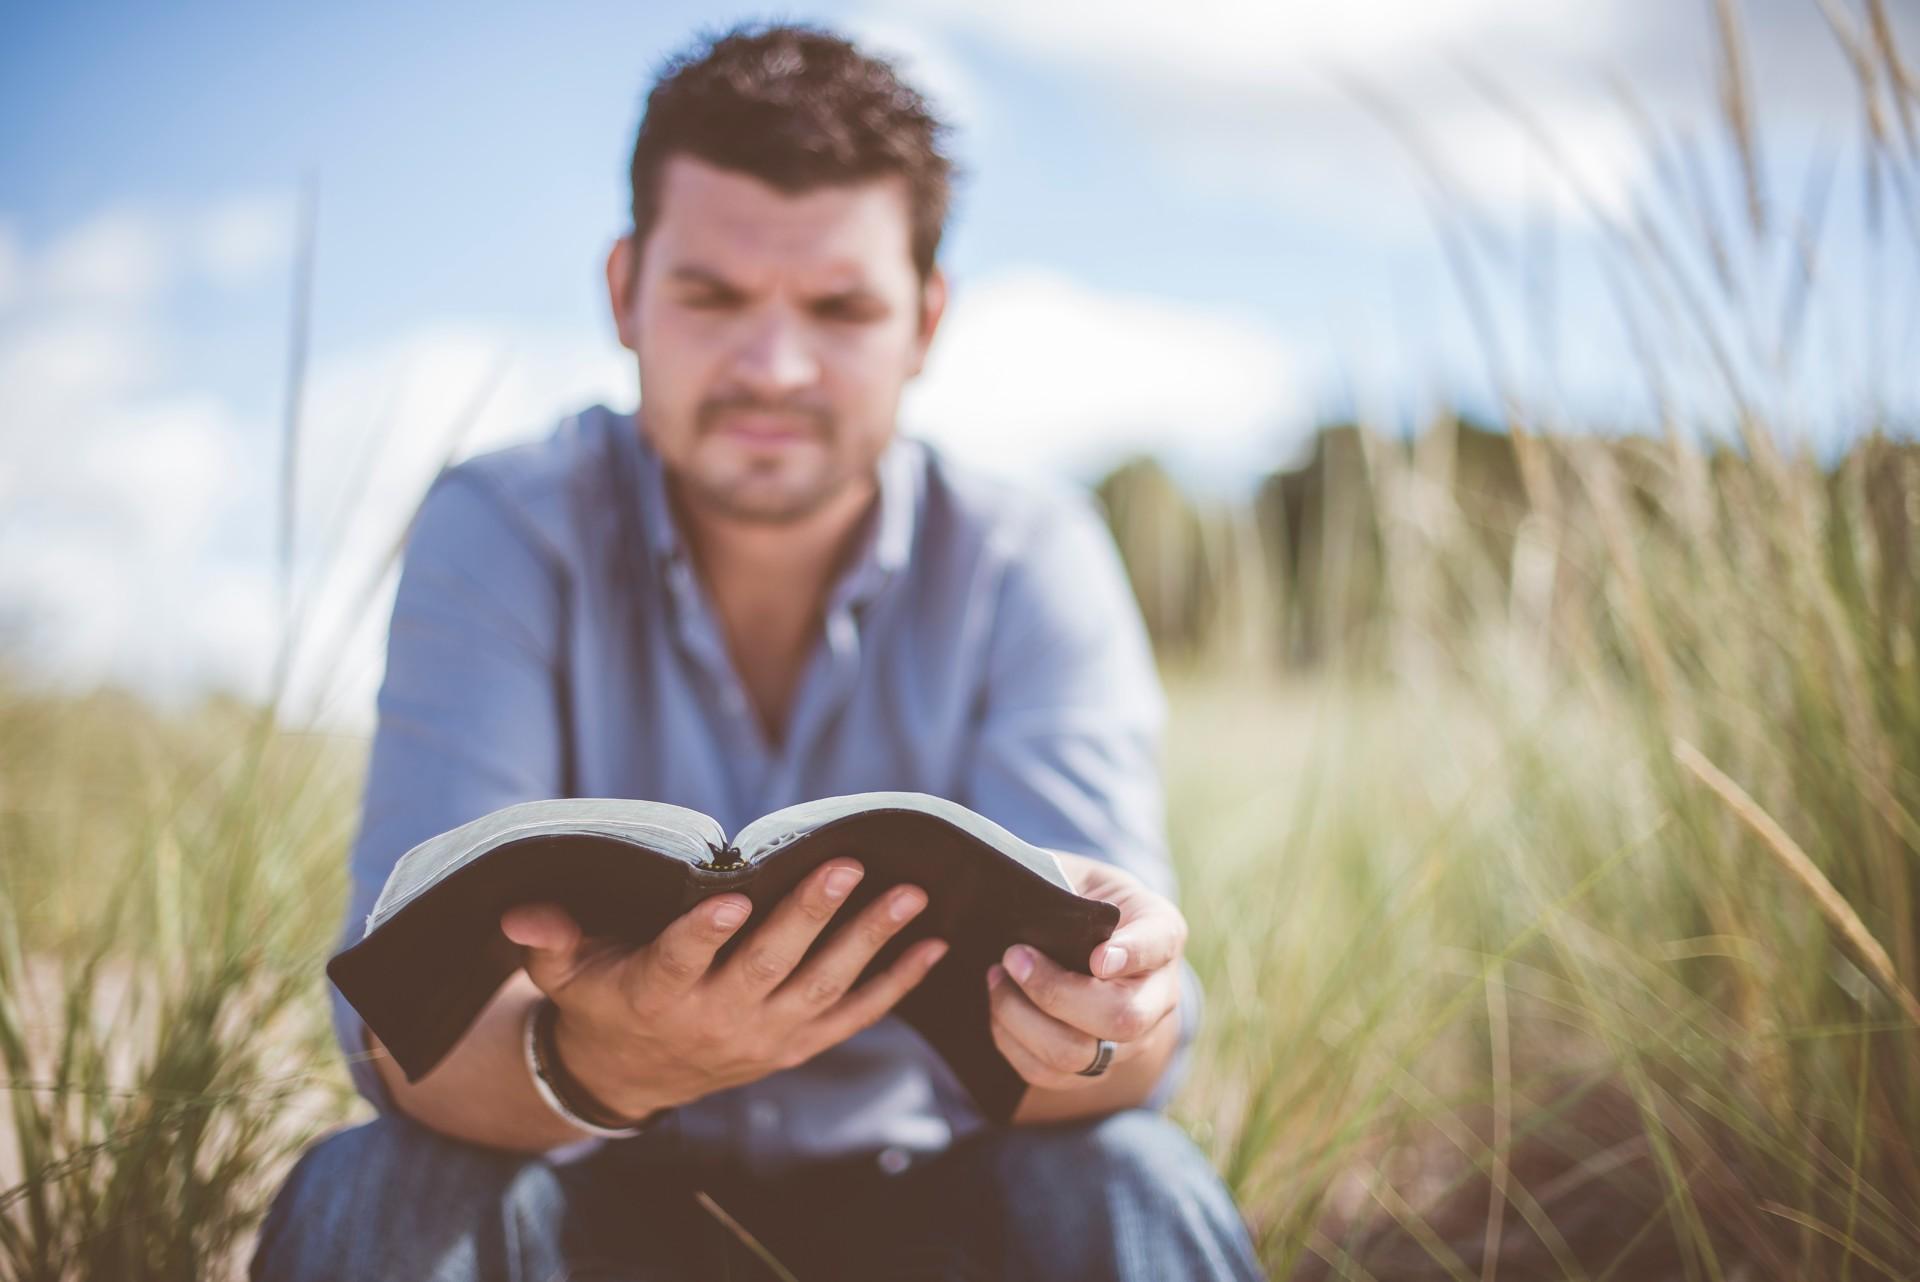 Upoznavanje kršćanskog čovjeka što očekivati